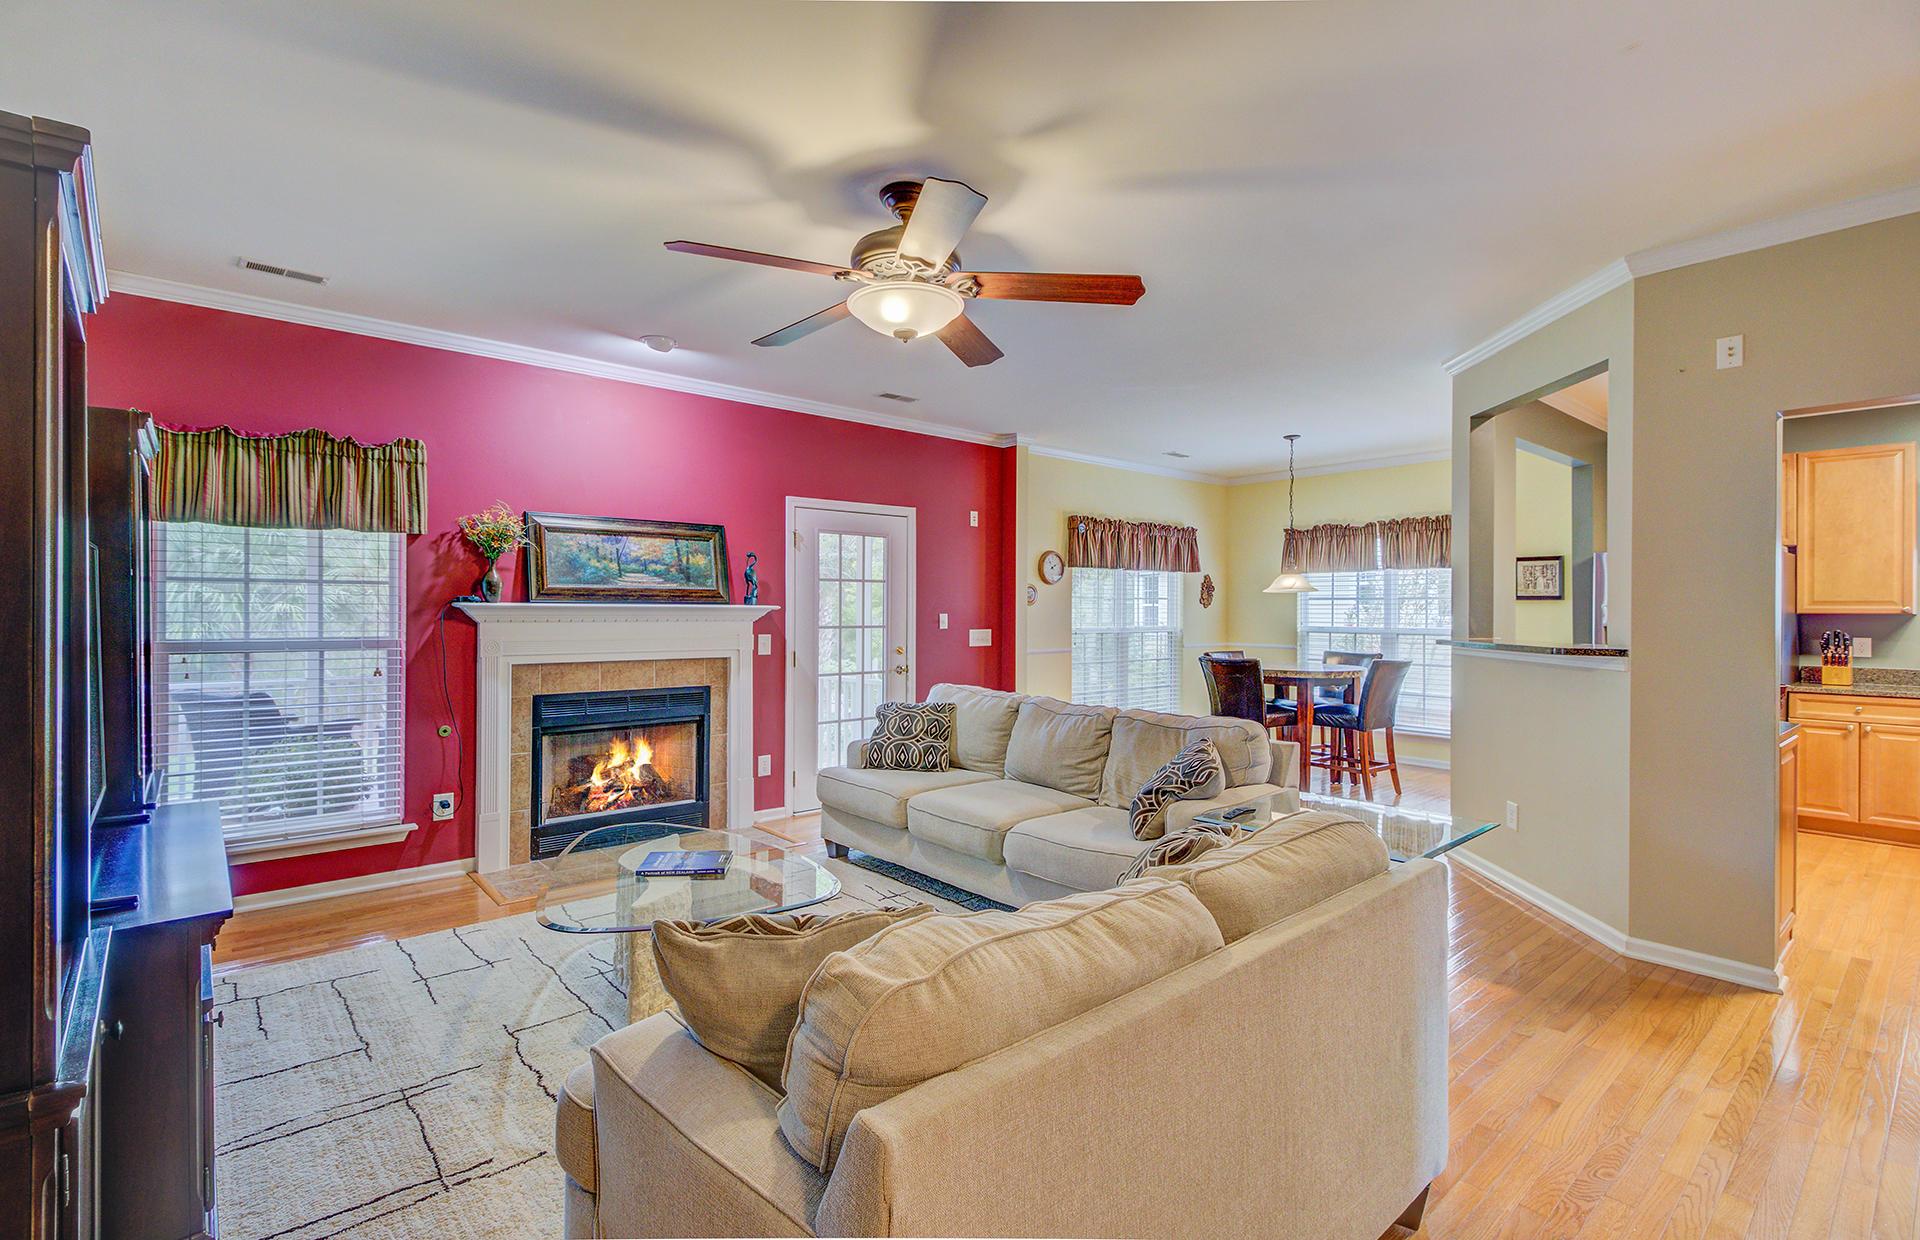 Park West Homes For Sale - 3120 Sonja, Mount Pleasant, SC - 29